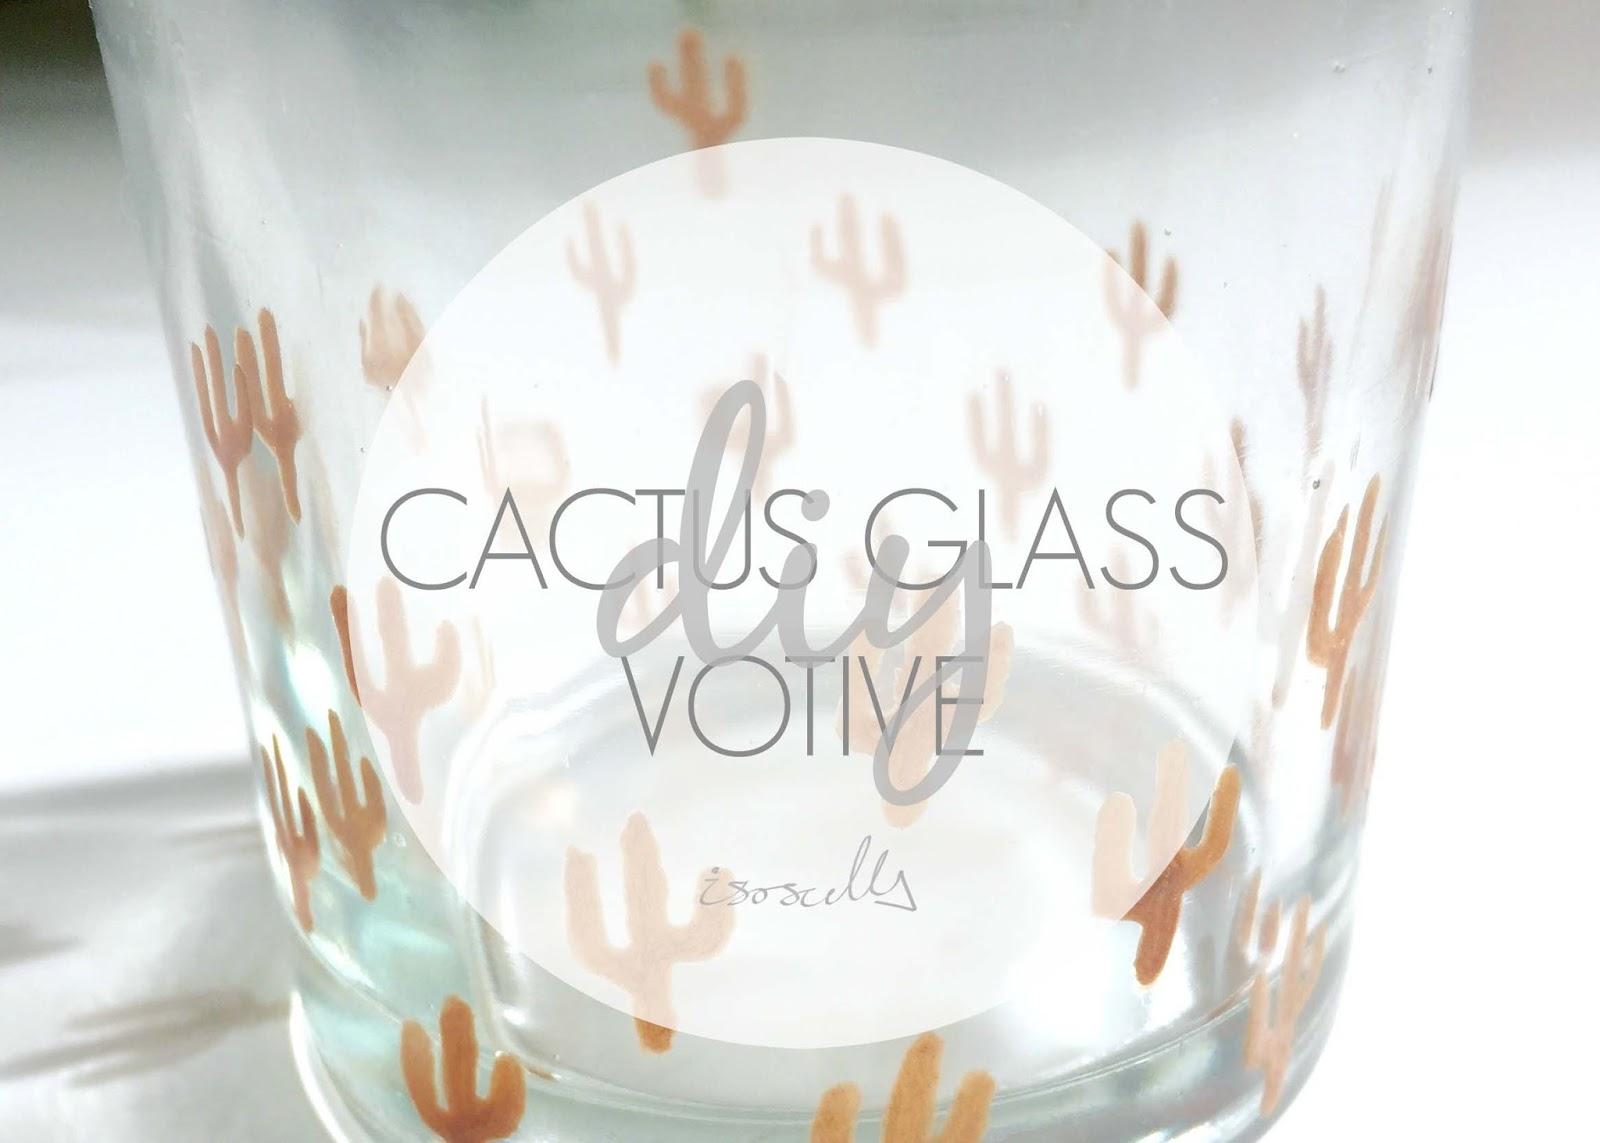 DIY Copper cactus glass votive by Isoscella